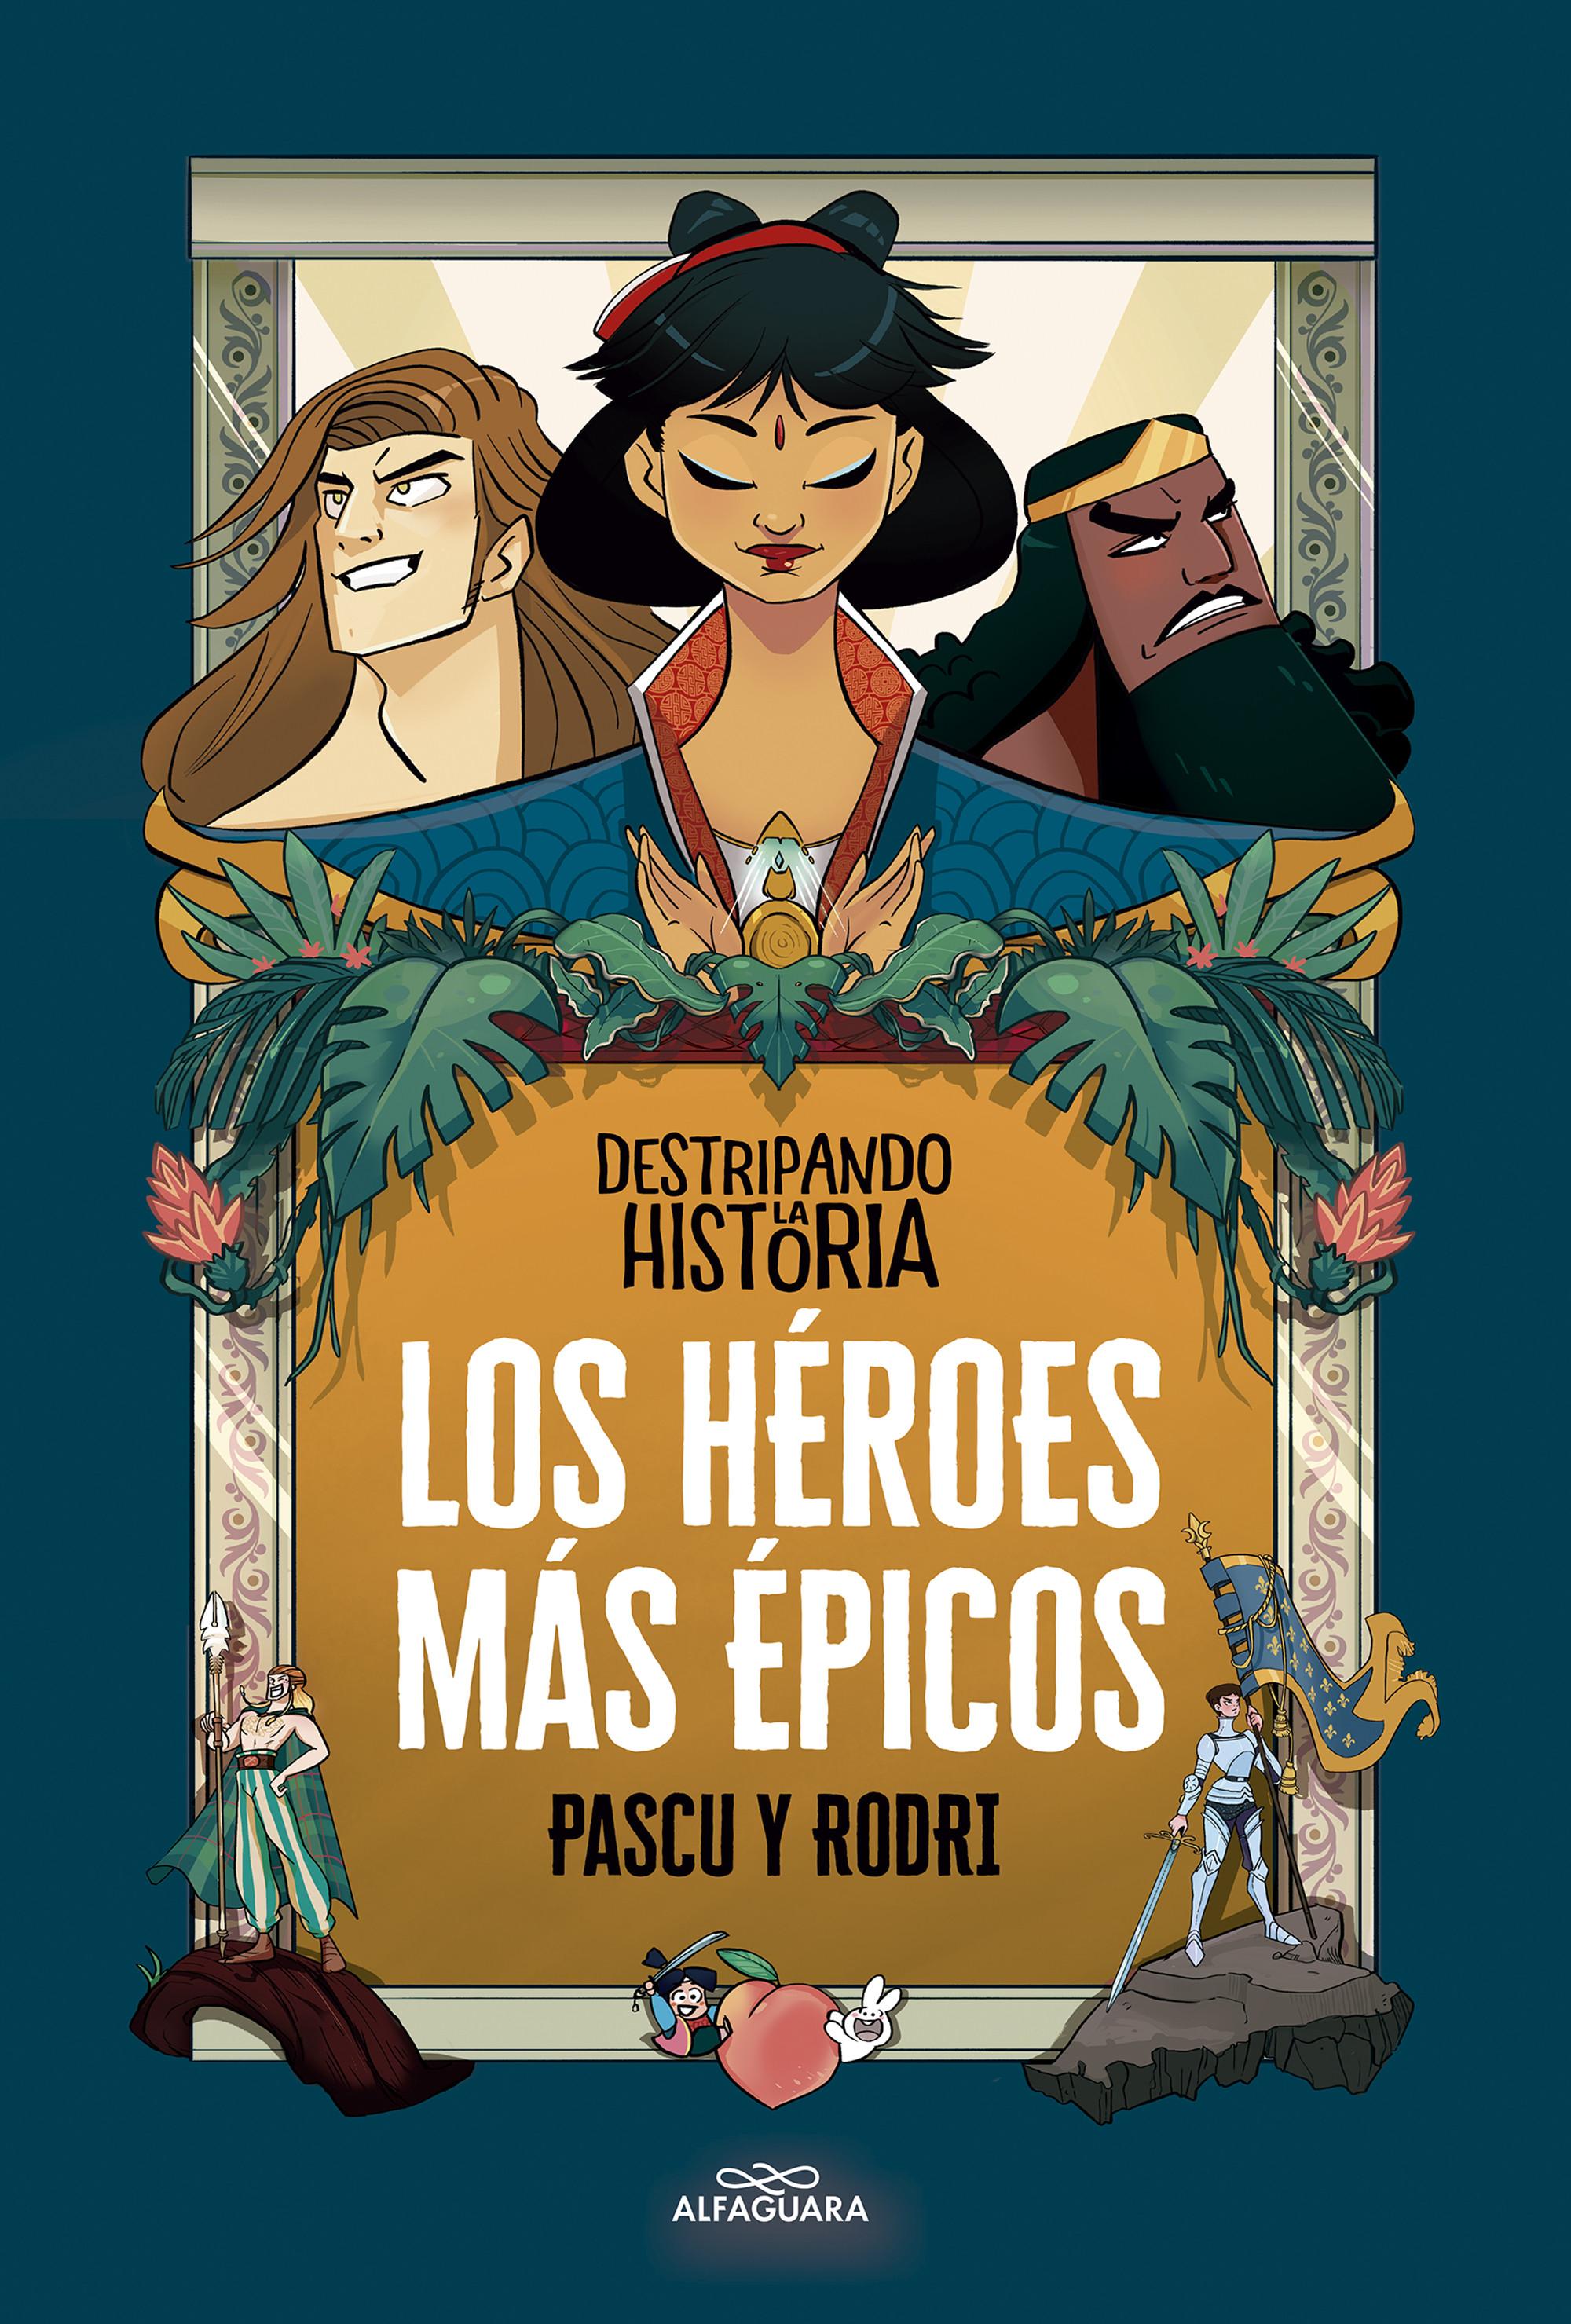 Los héroes más épicos